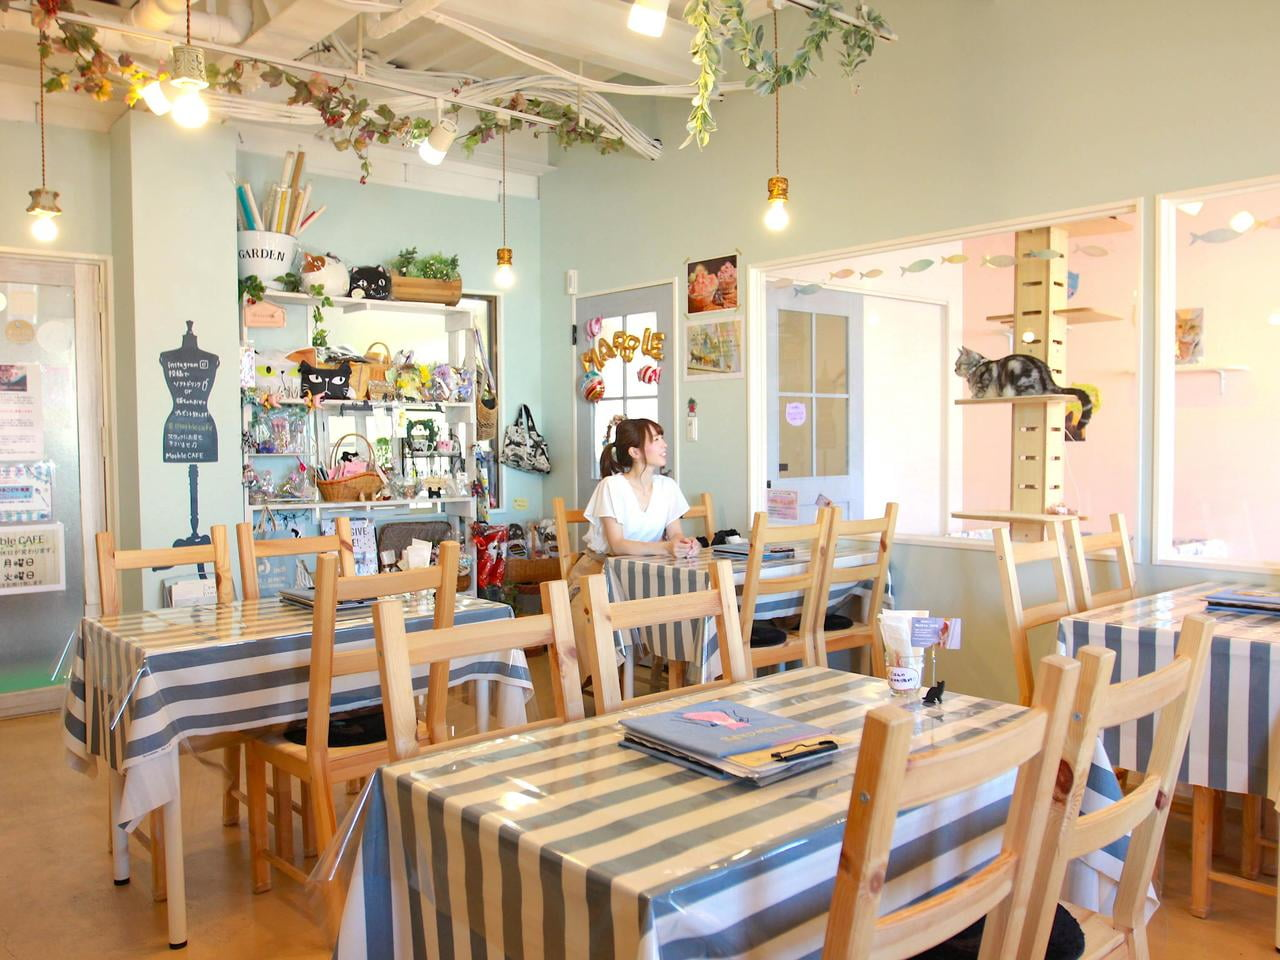 【高砂】人気の「肉球パフェ」も楽しめる猫カフェ「マーブルカフェ(Marble CAFE)」